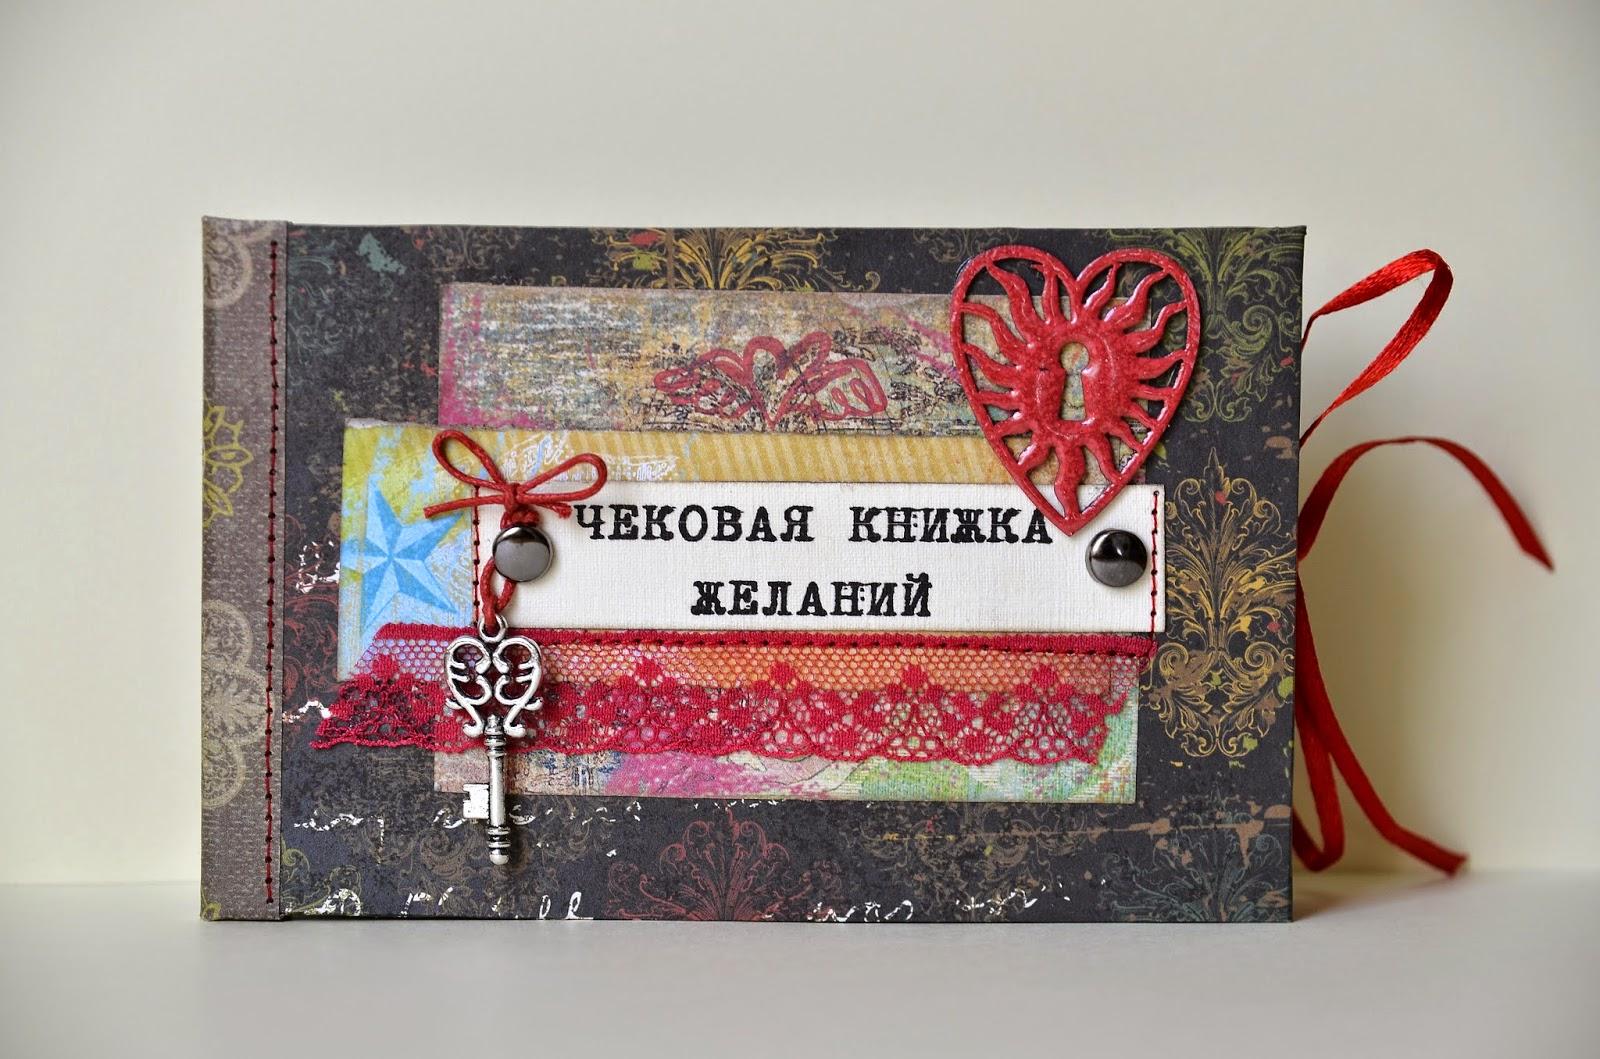 Басаев шамиль салманович фото смерти